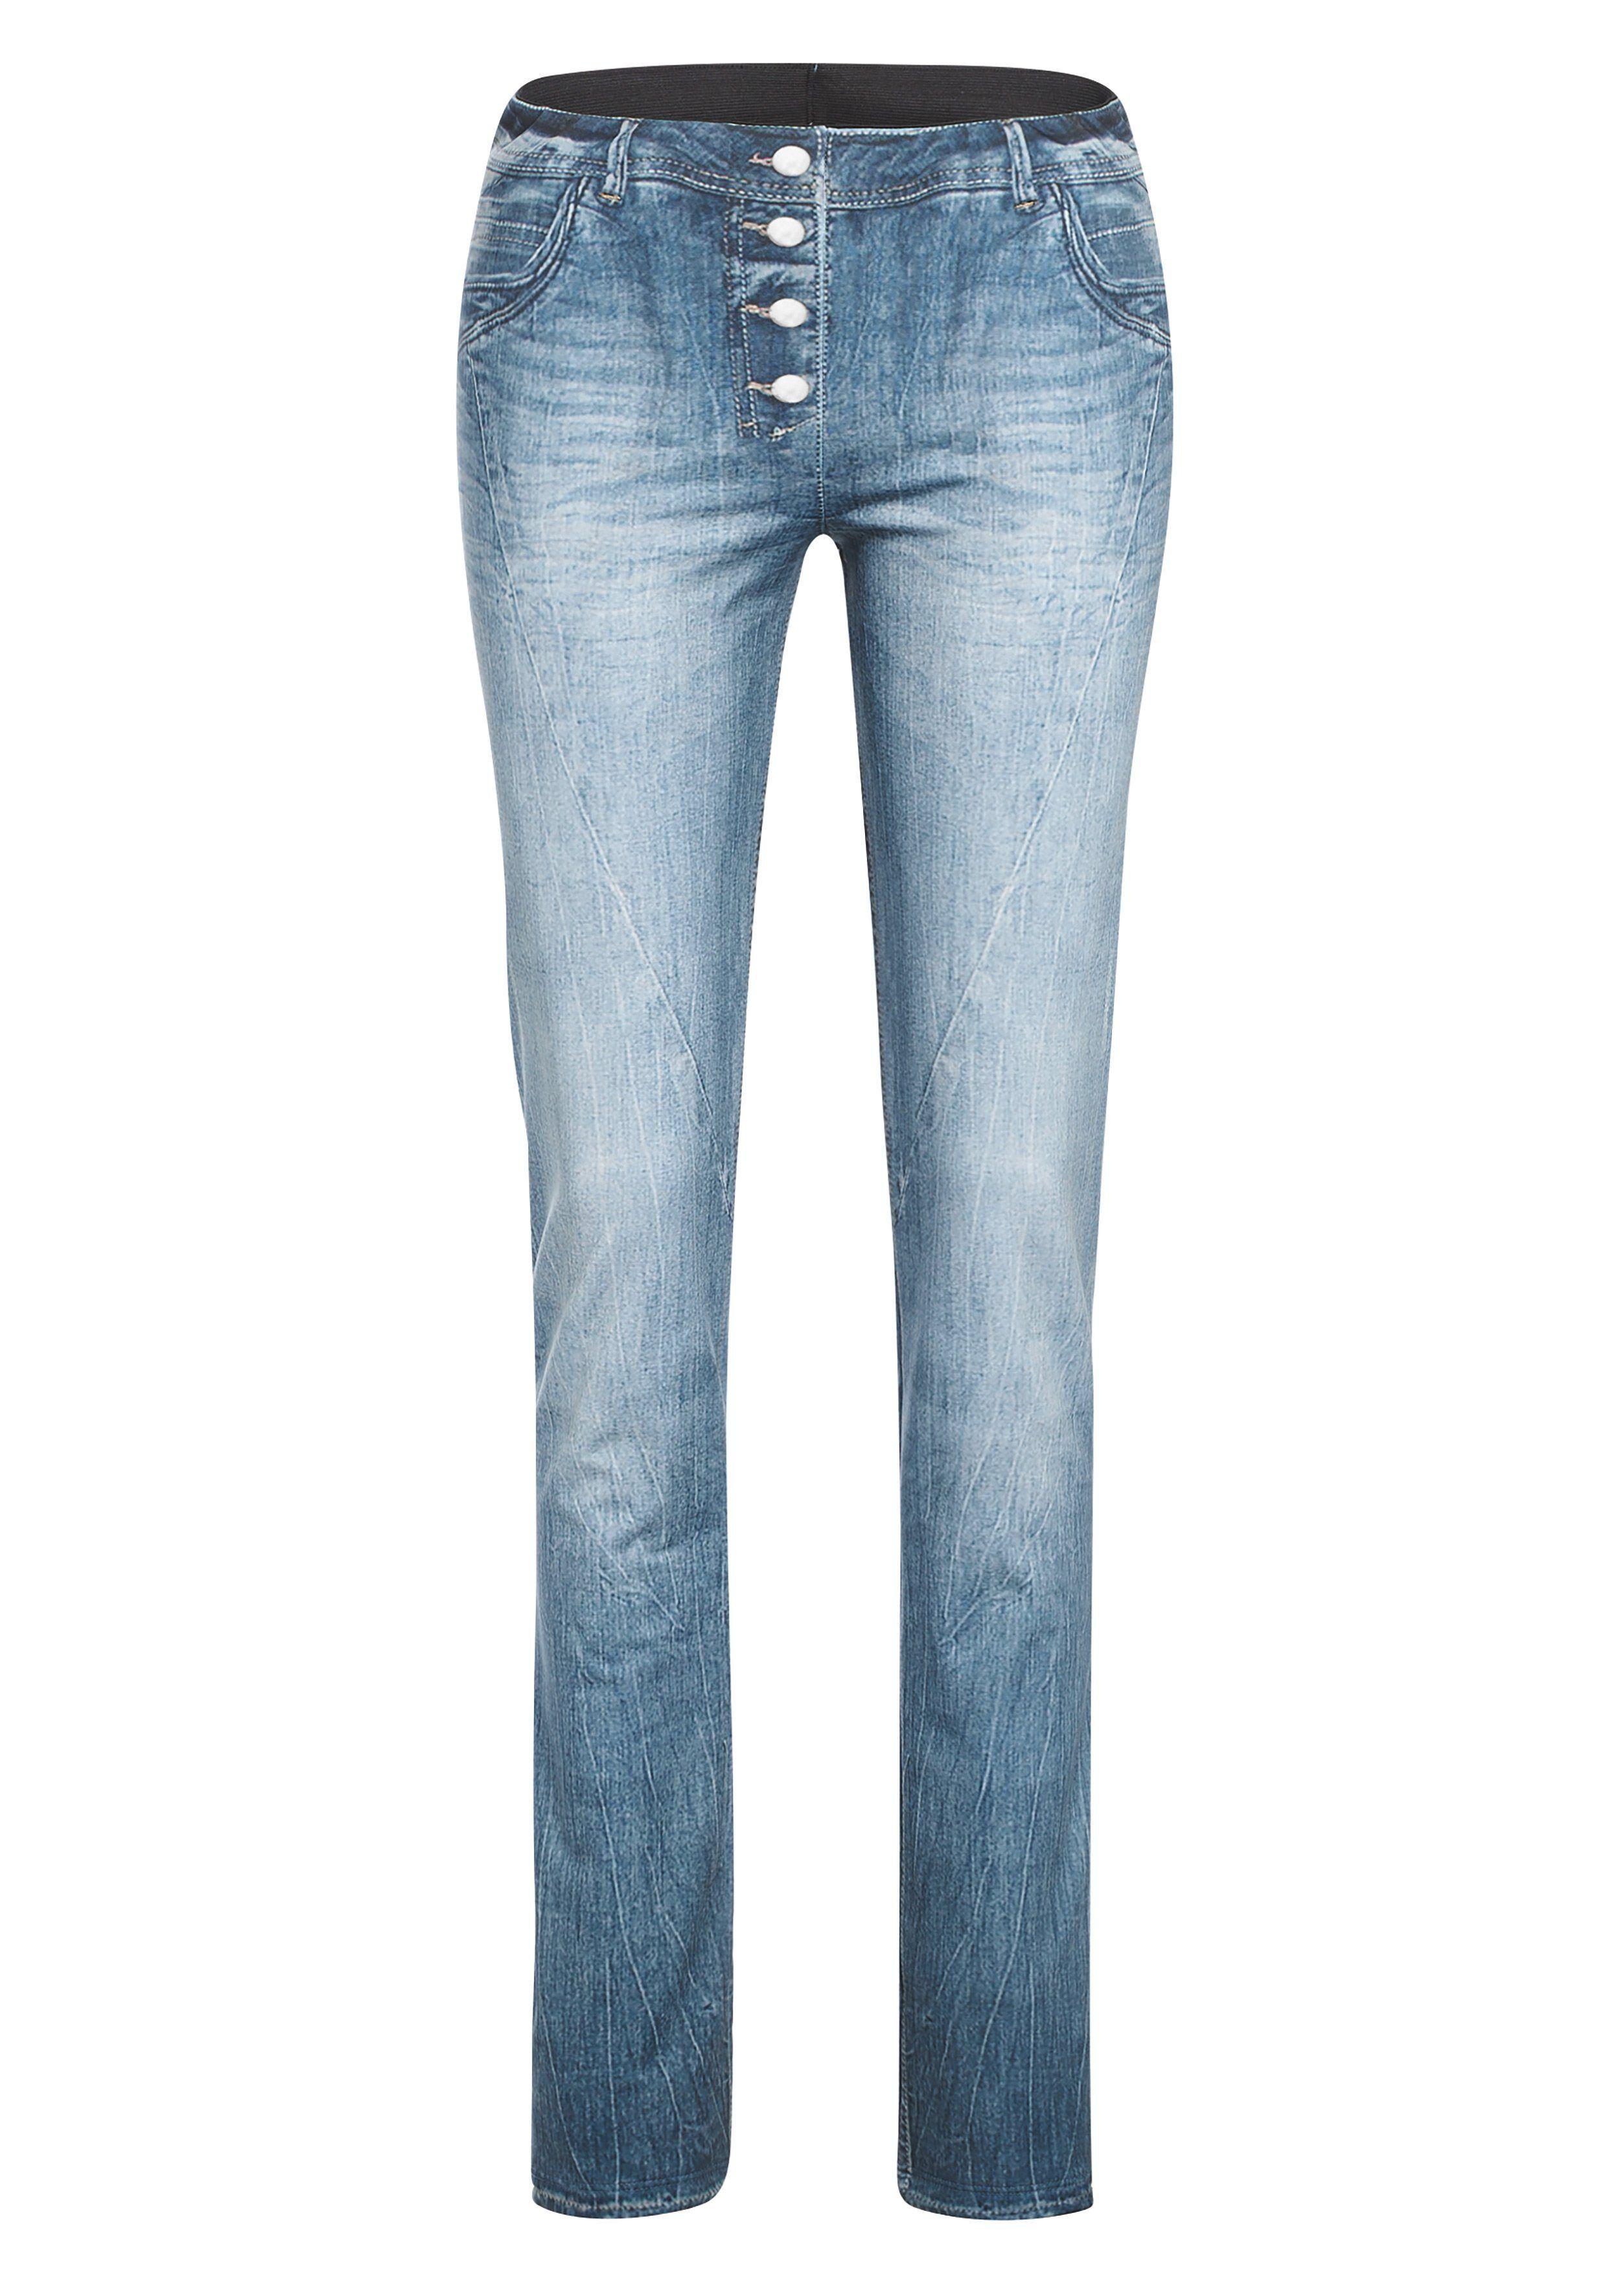 Maier Sports Softshellhose »Sivi« für Ski, Outdoor und Freizeit, jeans